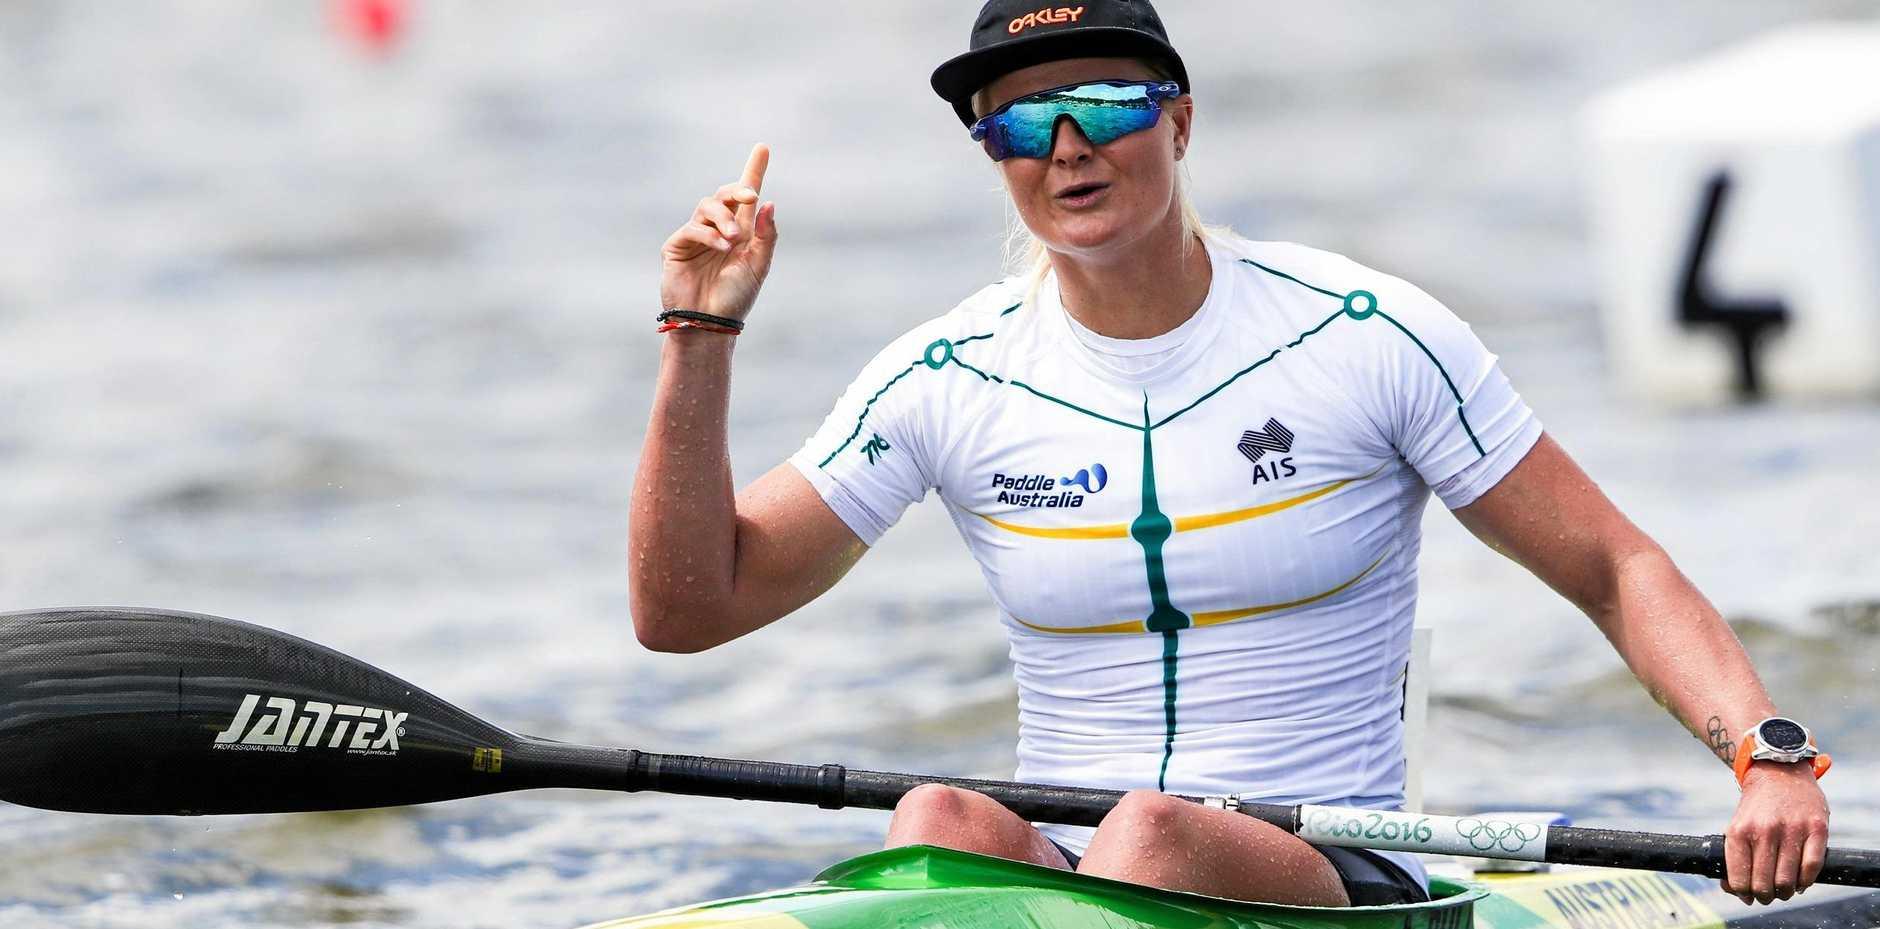 ON THE WATER: Alyssa Bull won the K1 1000.